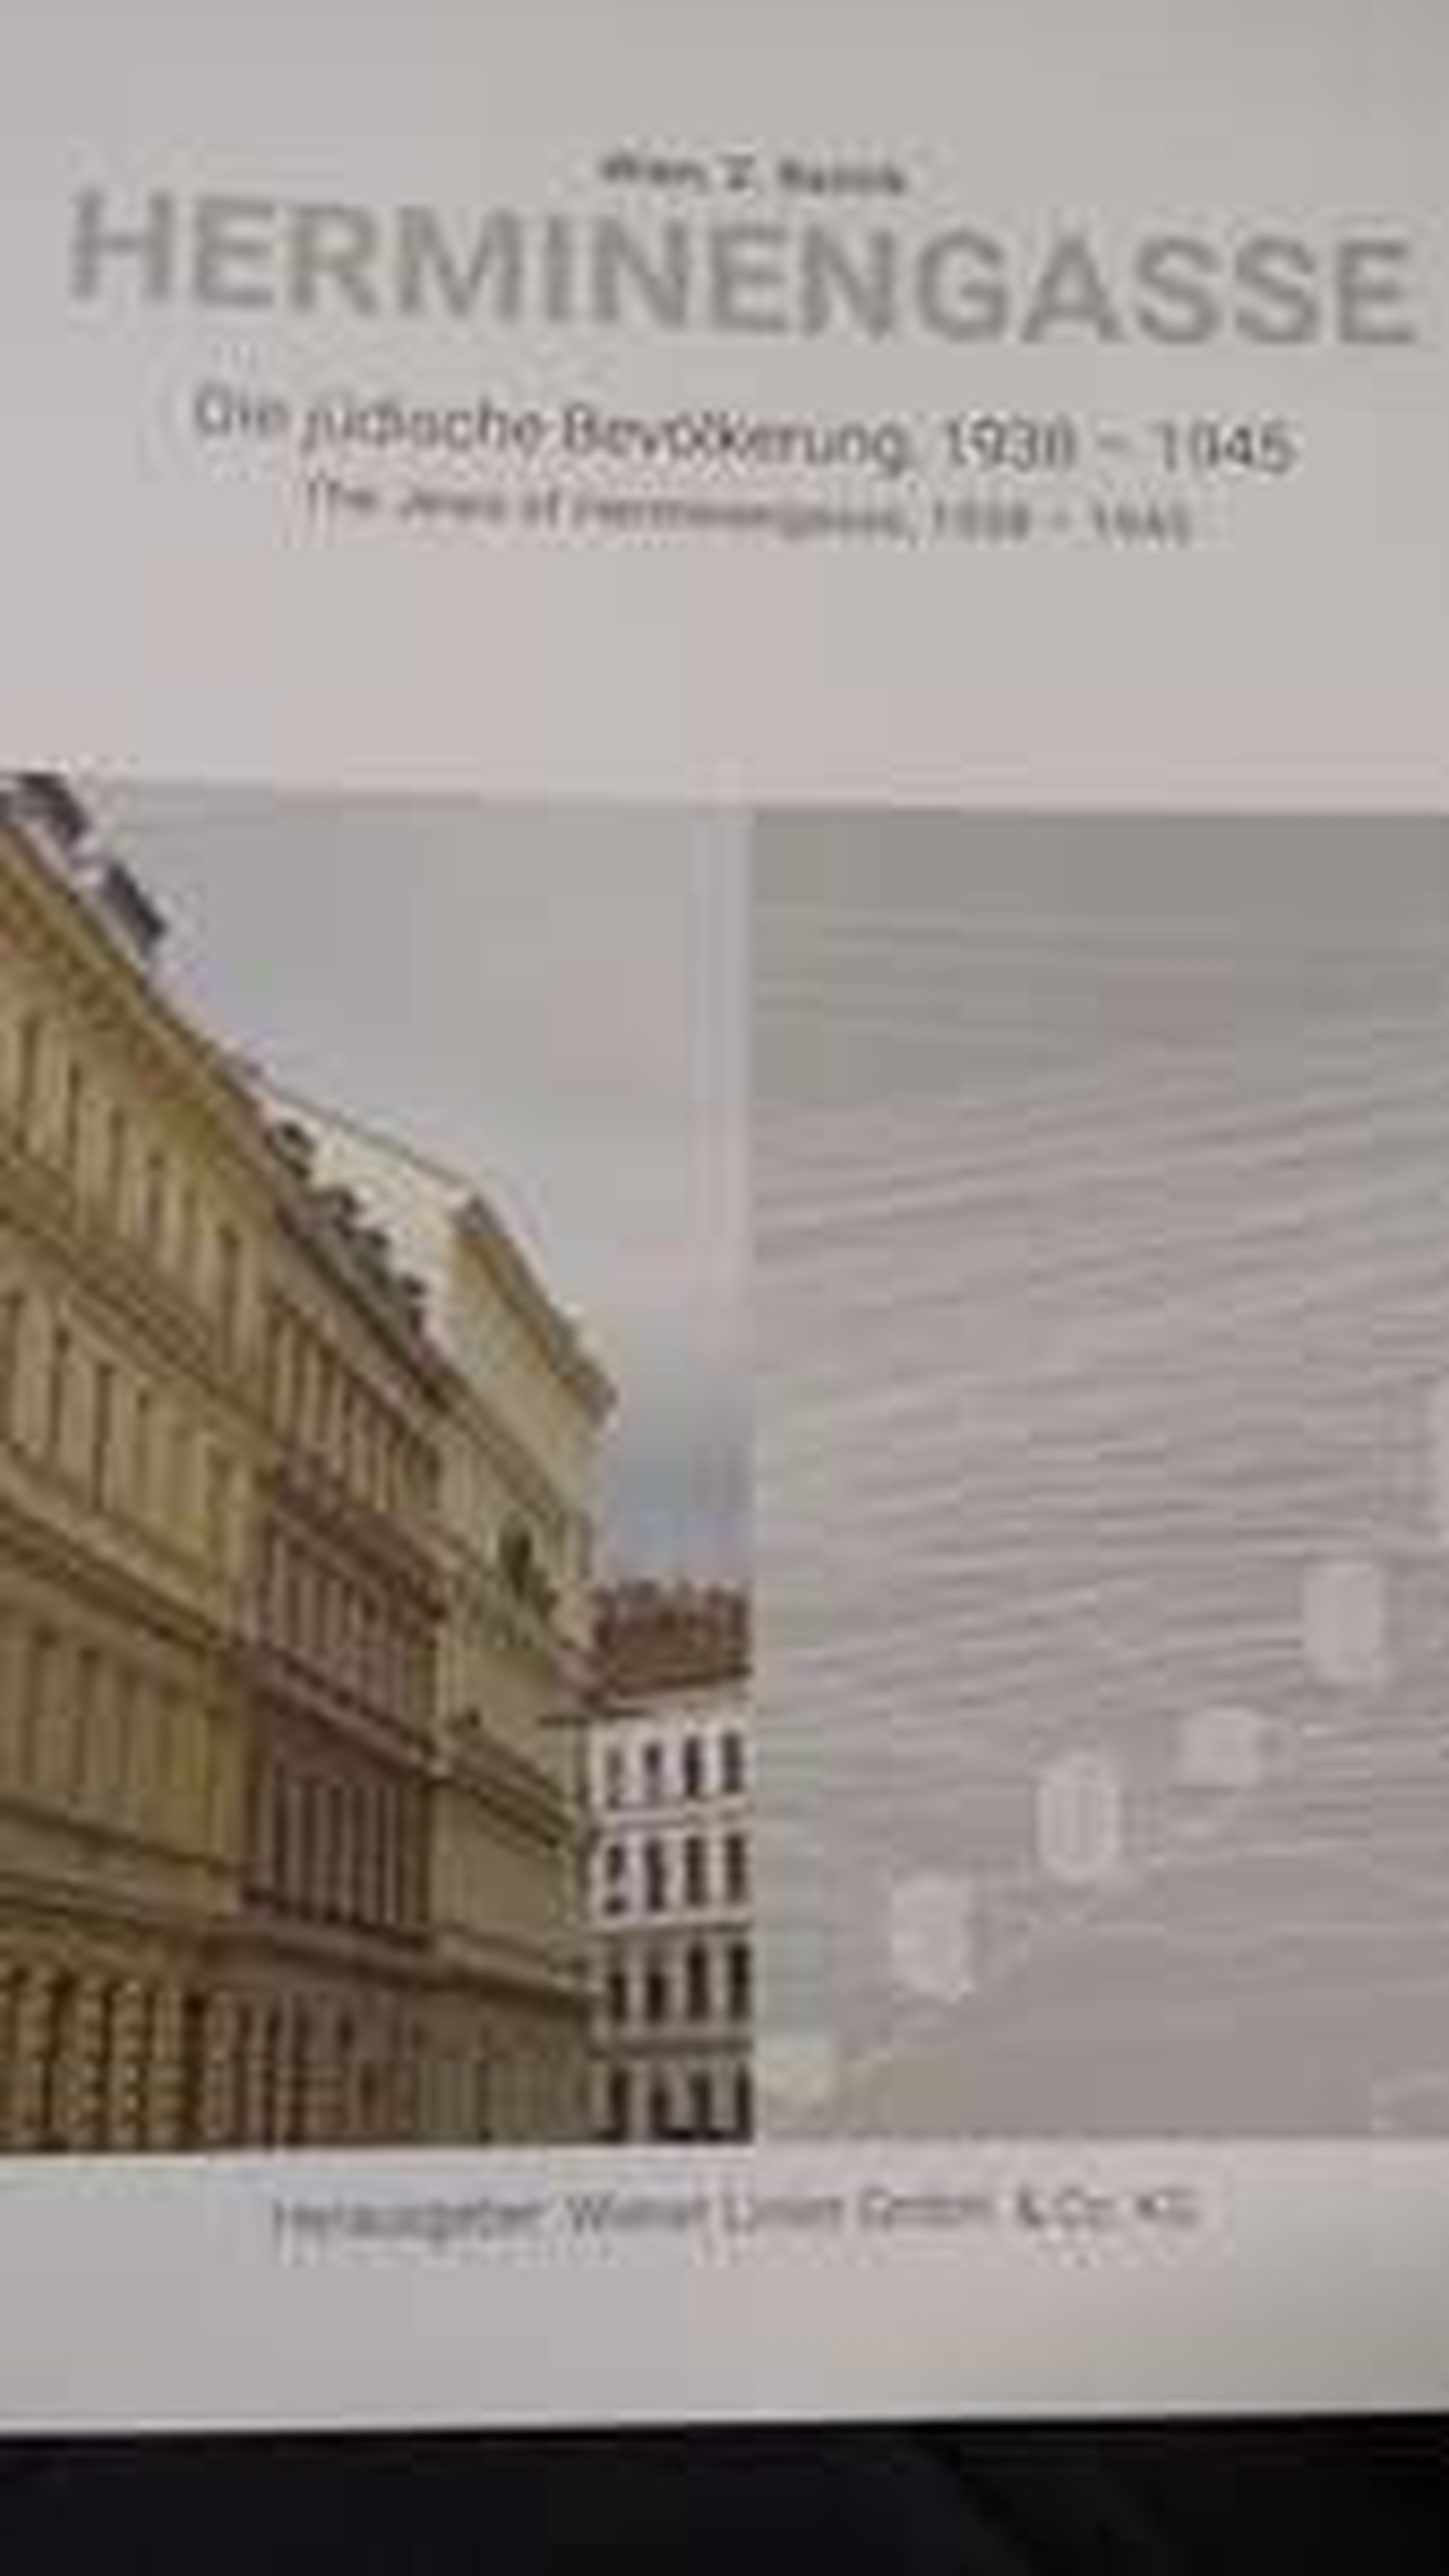 Wiener Linien - Gratis Buch: Herminengasse